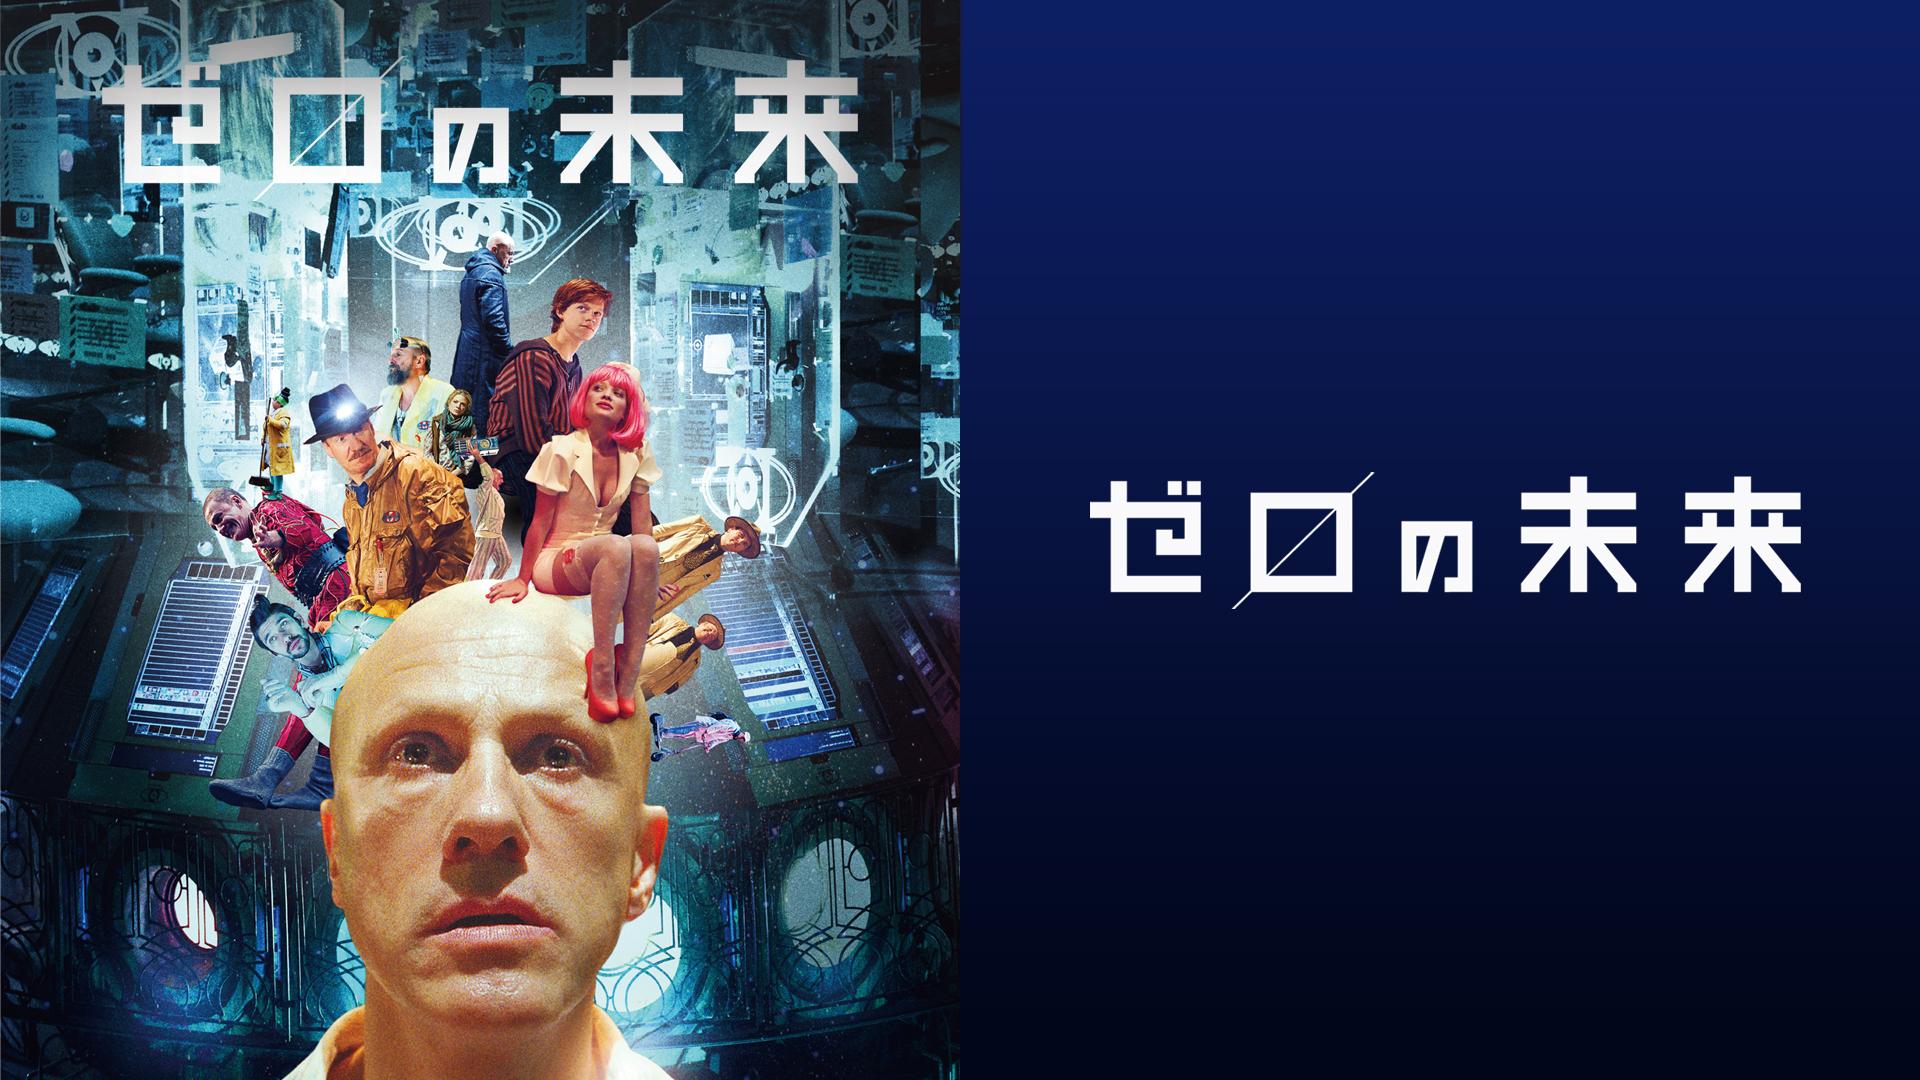 ゼロの未来(字幕版)